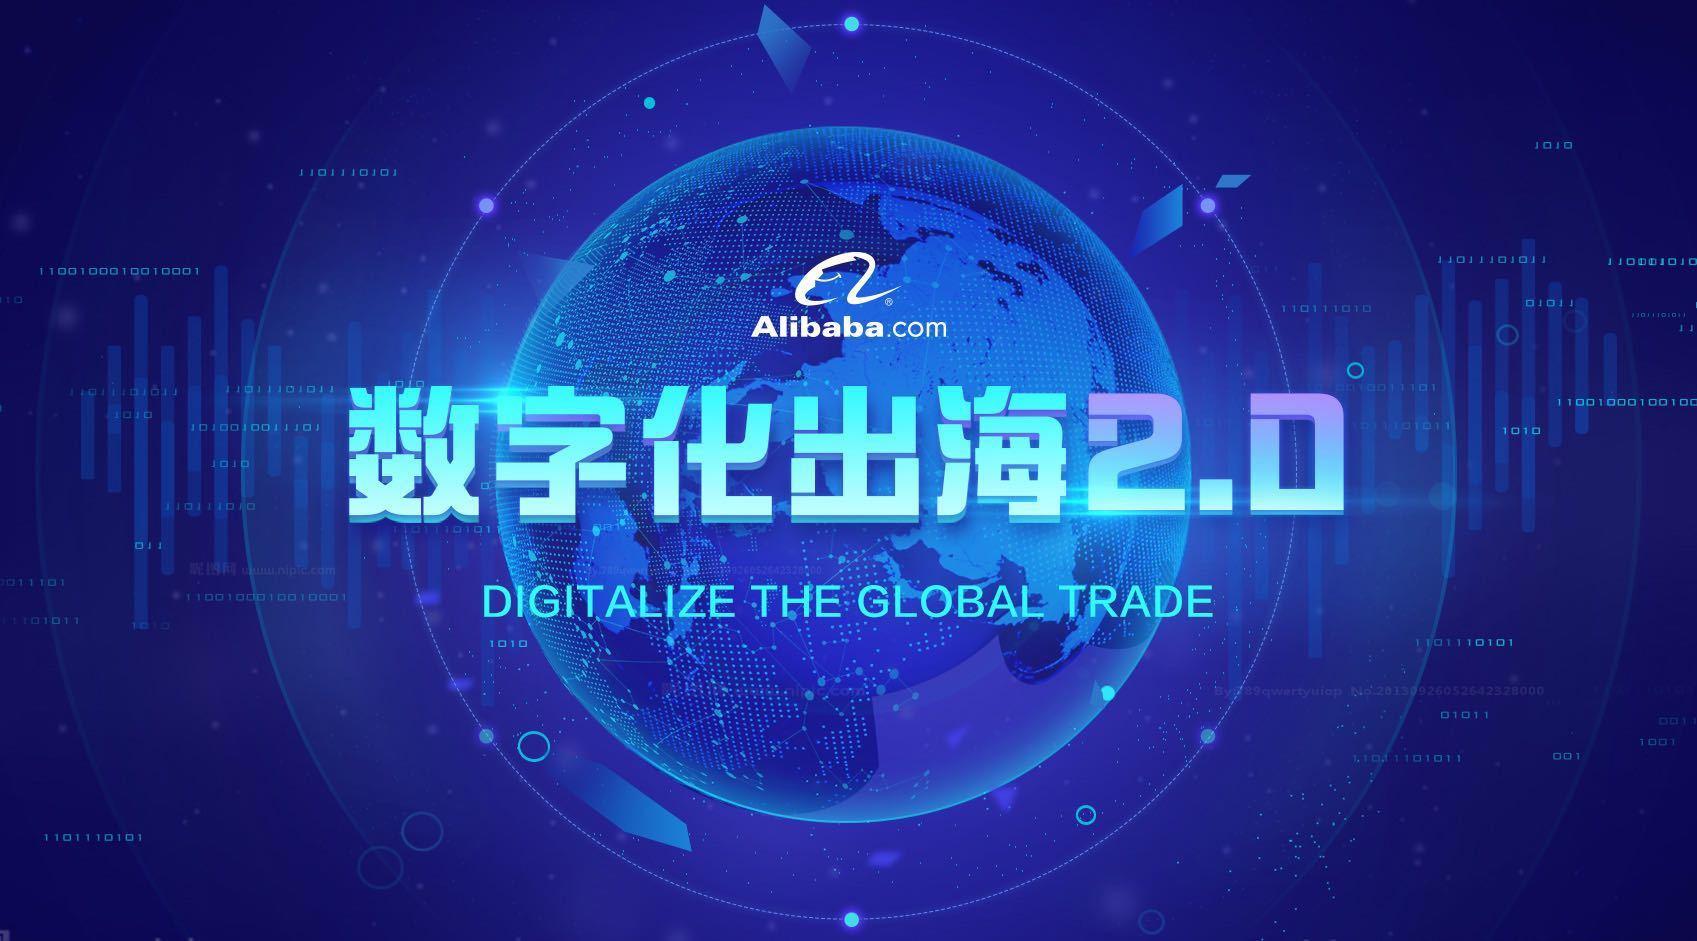 阿里國際站推「數字化出海2.0版本」,幫中小企業開拓千億美元新興市場